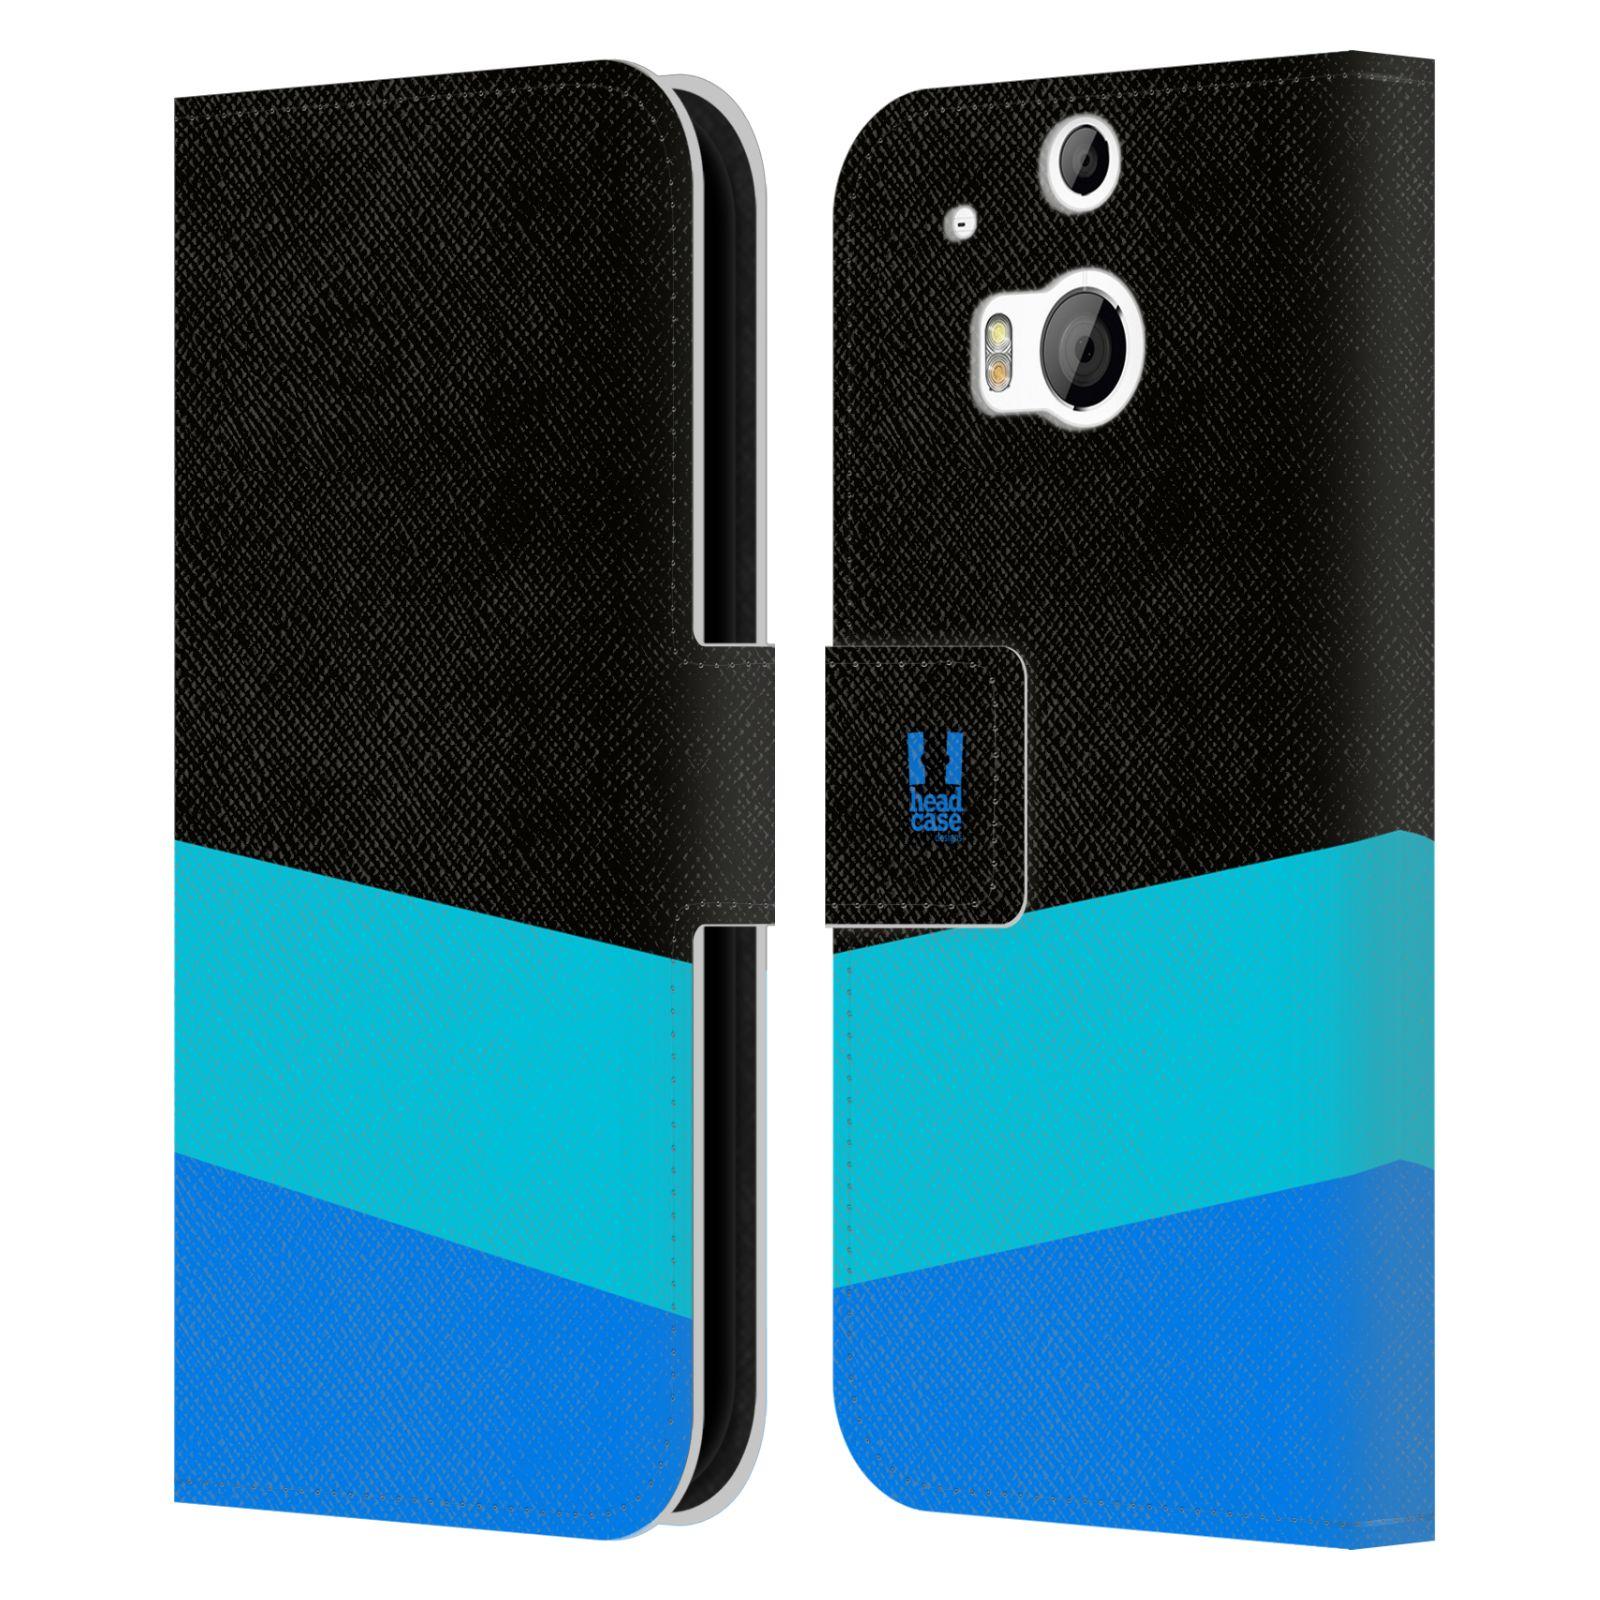 HEAD CASE Flipové pouzdro pro mobil HTC ONE M8/M8s barevné tvary modrá a černá FORMAL